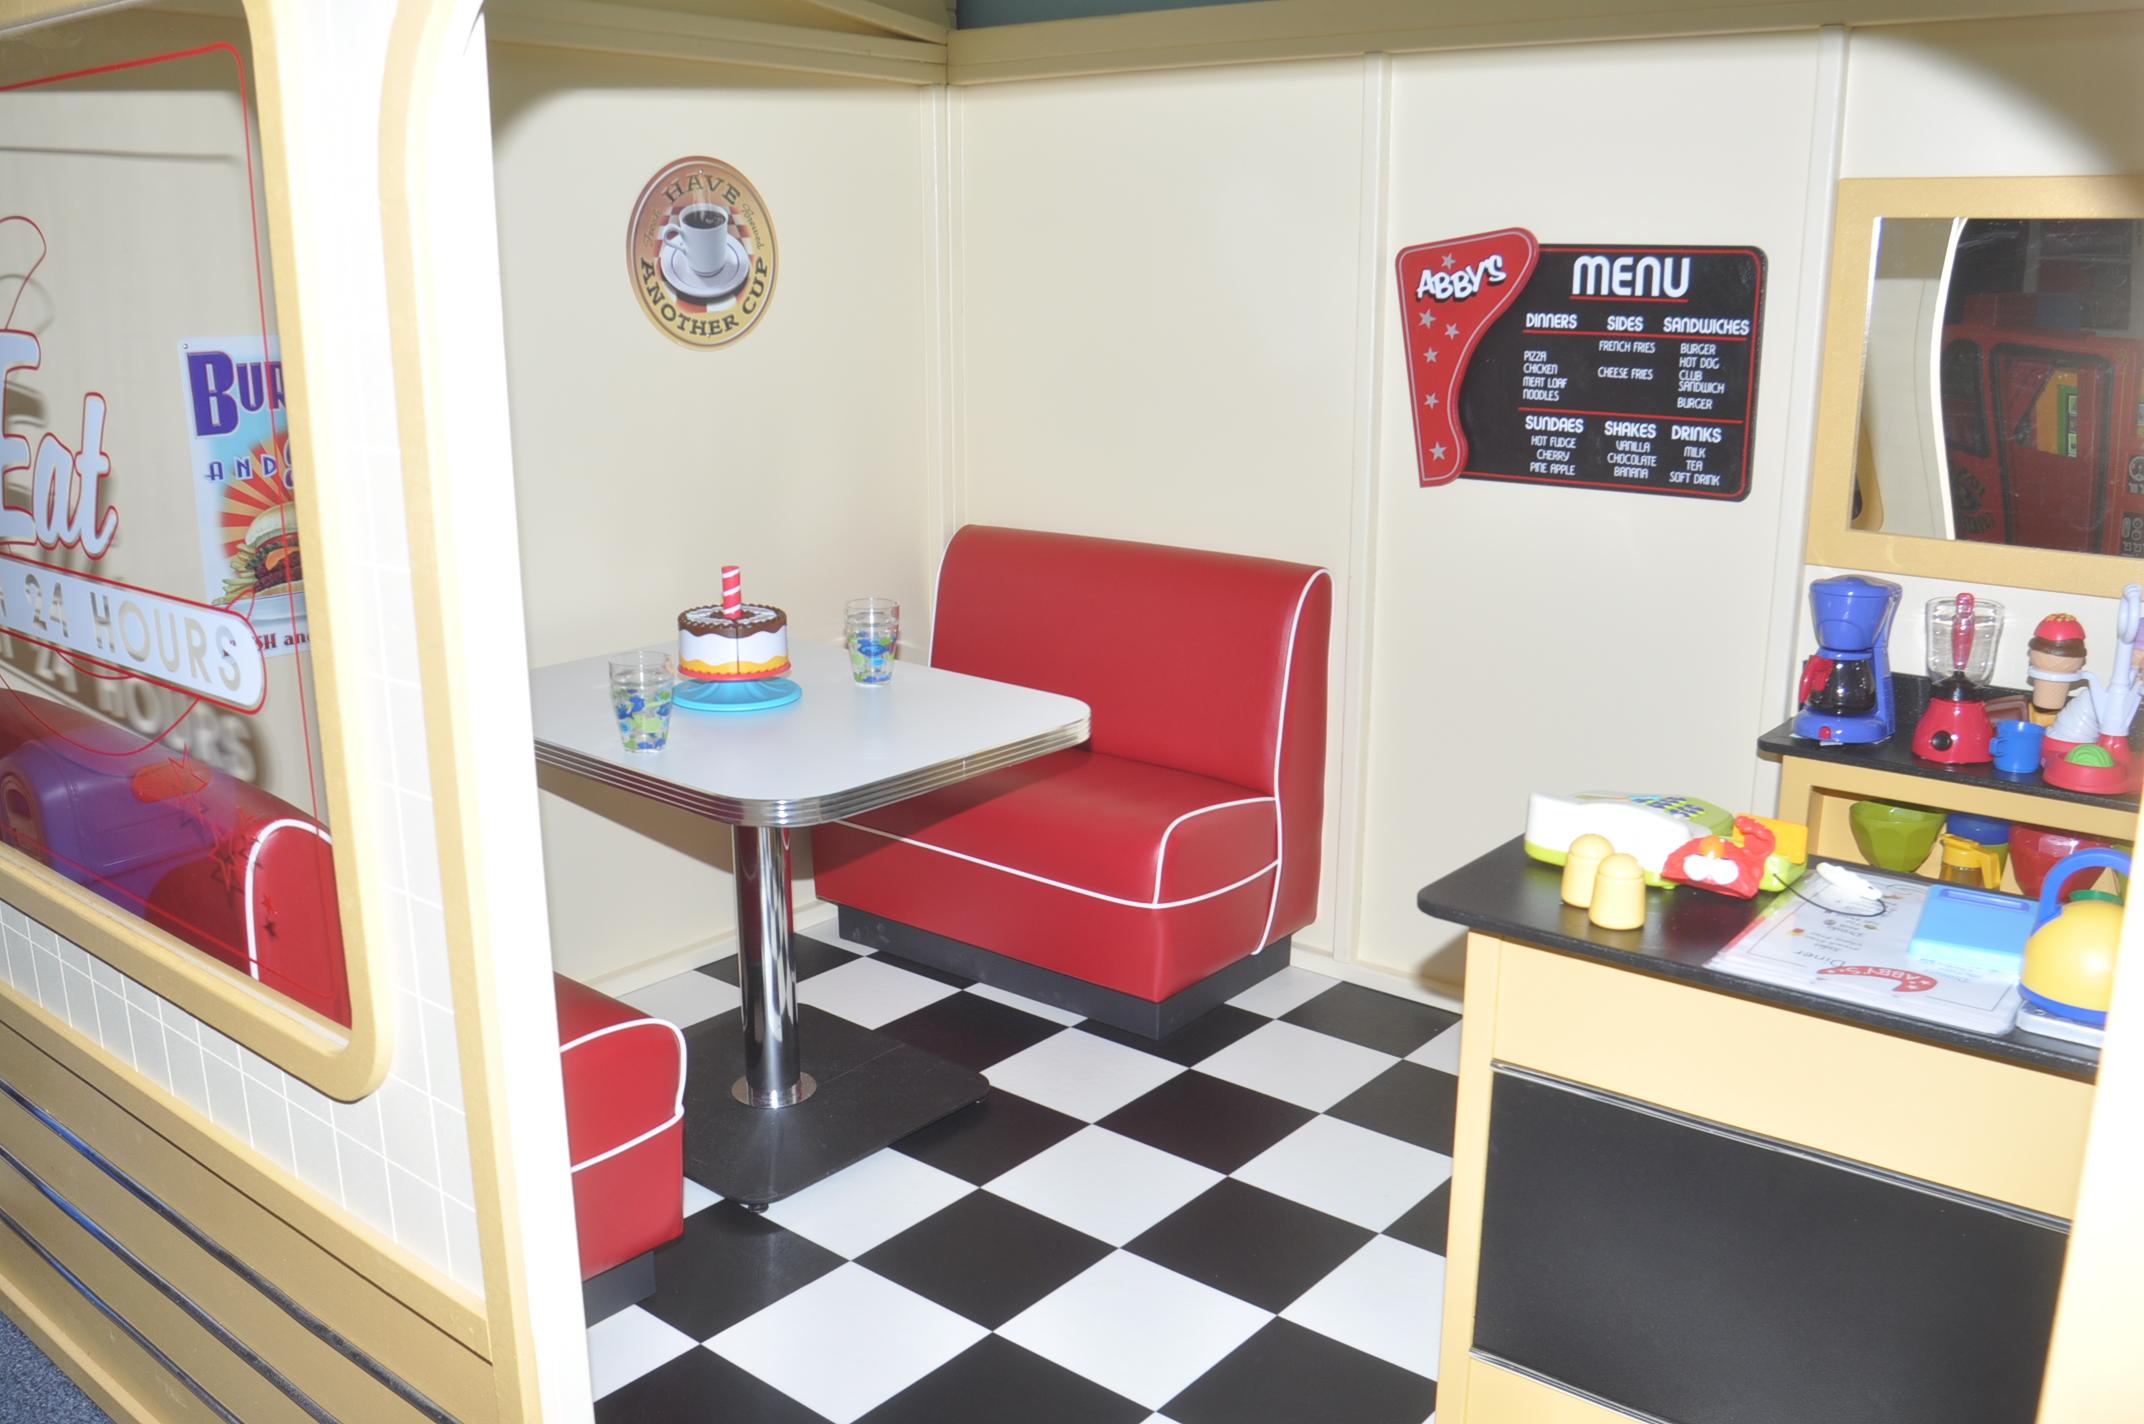 inside diner.jpg